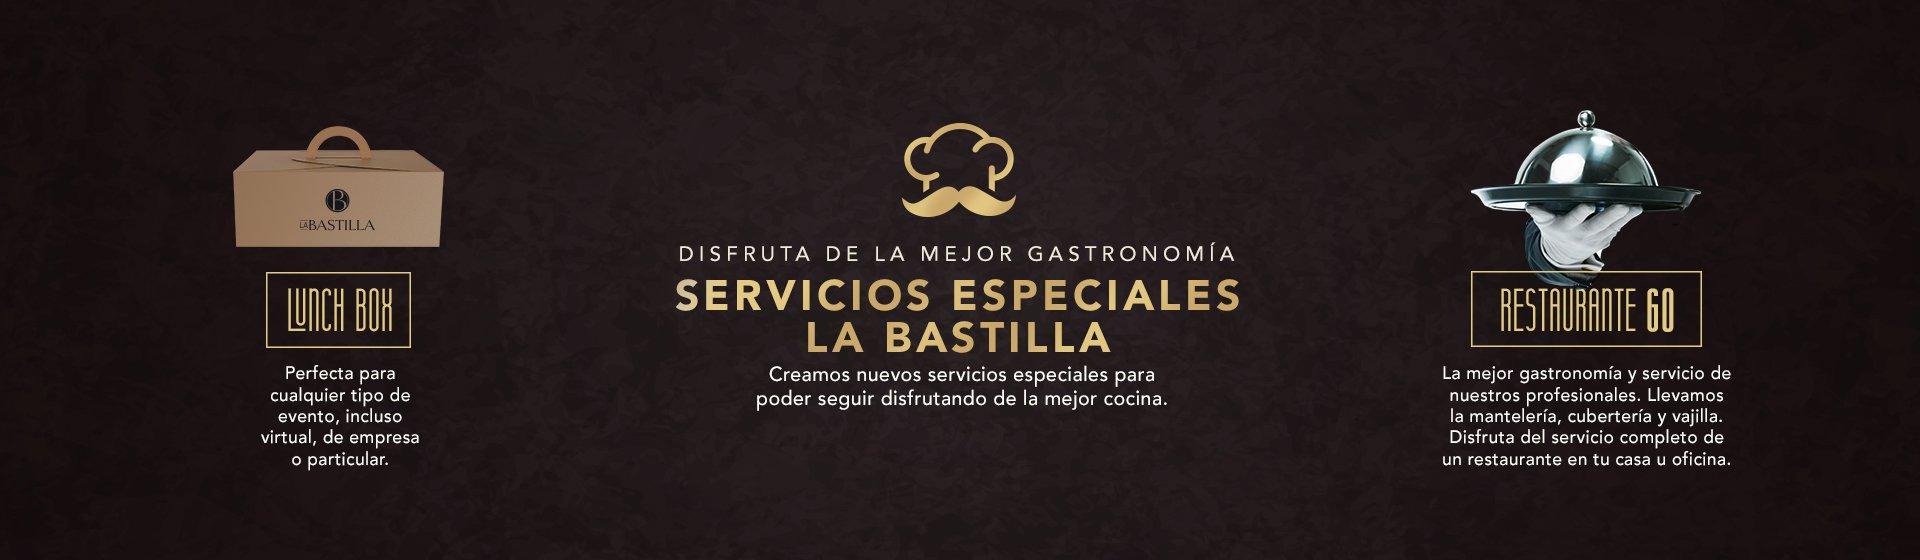 servicios-especiales-la-bastilla